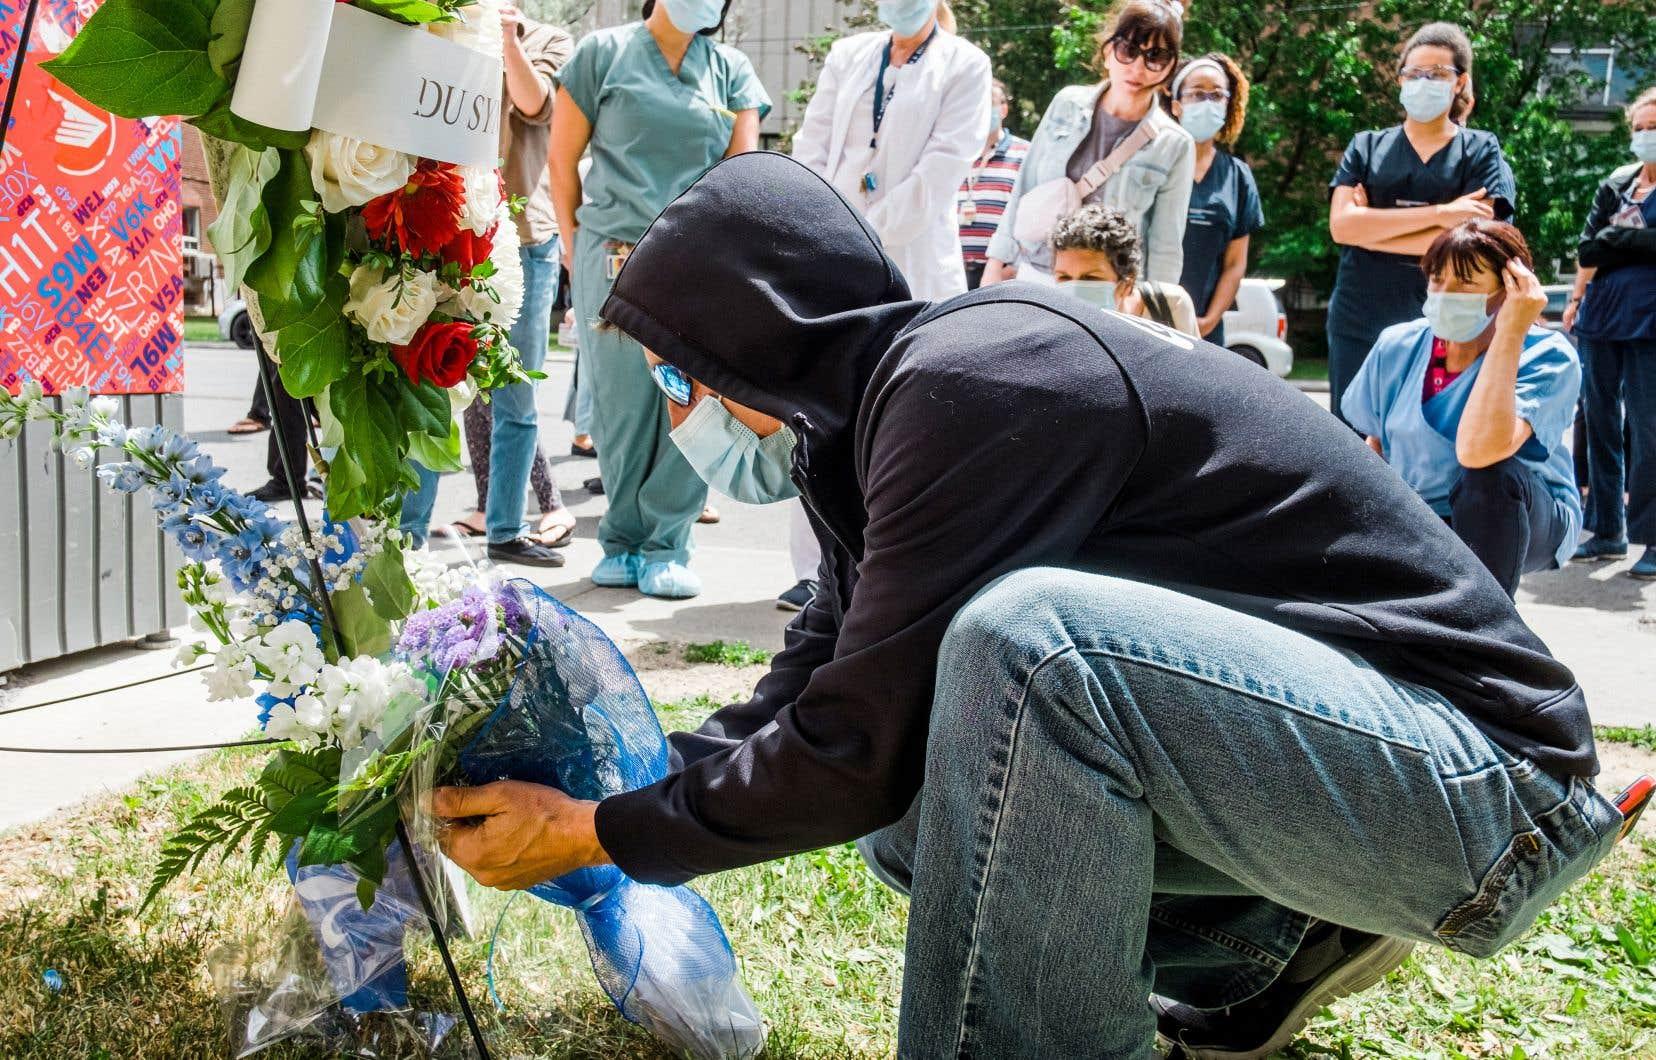 À l'initiative du syndicat du CIUSSS du Nord-de-l'Île-de-Montréal, une veillée en mémoire du défunt s'est tenue vendredi au pied de l'hôpital Jean-Talon.